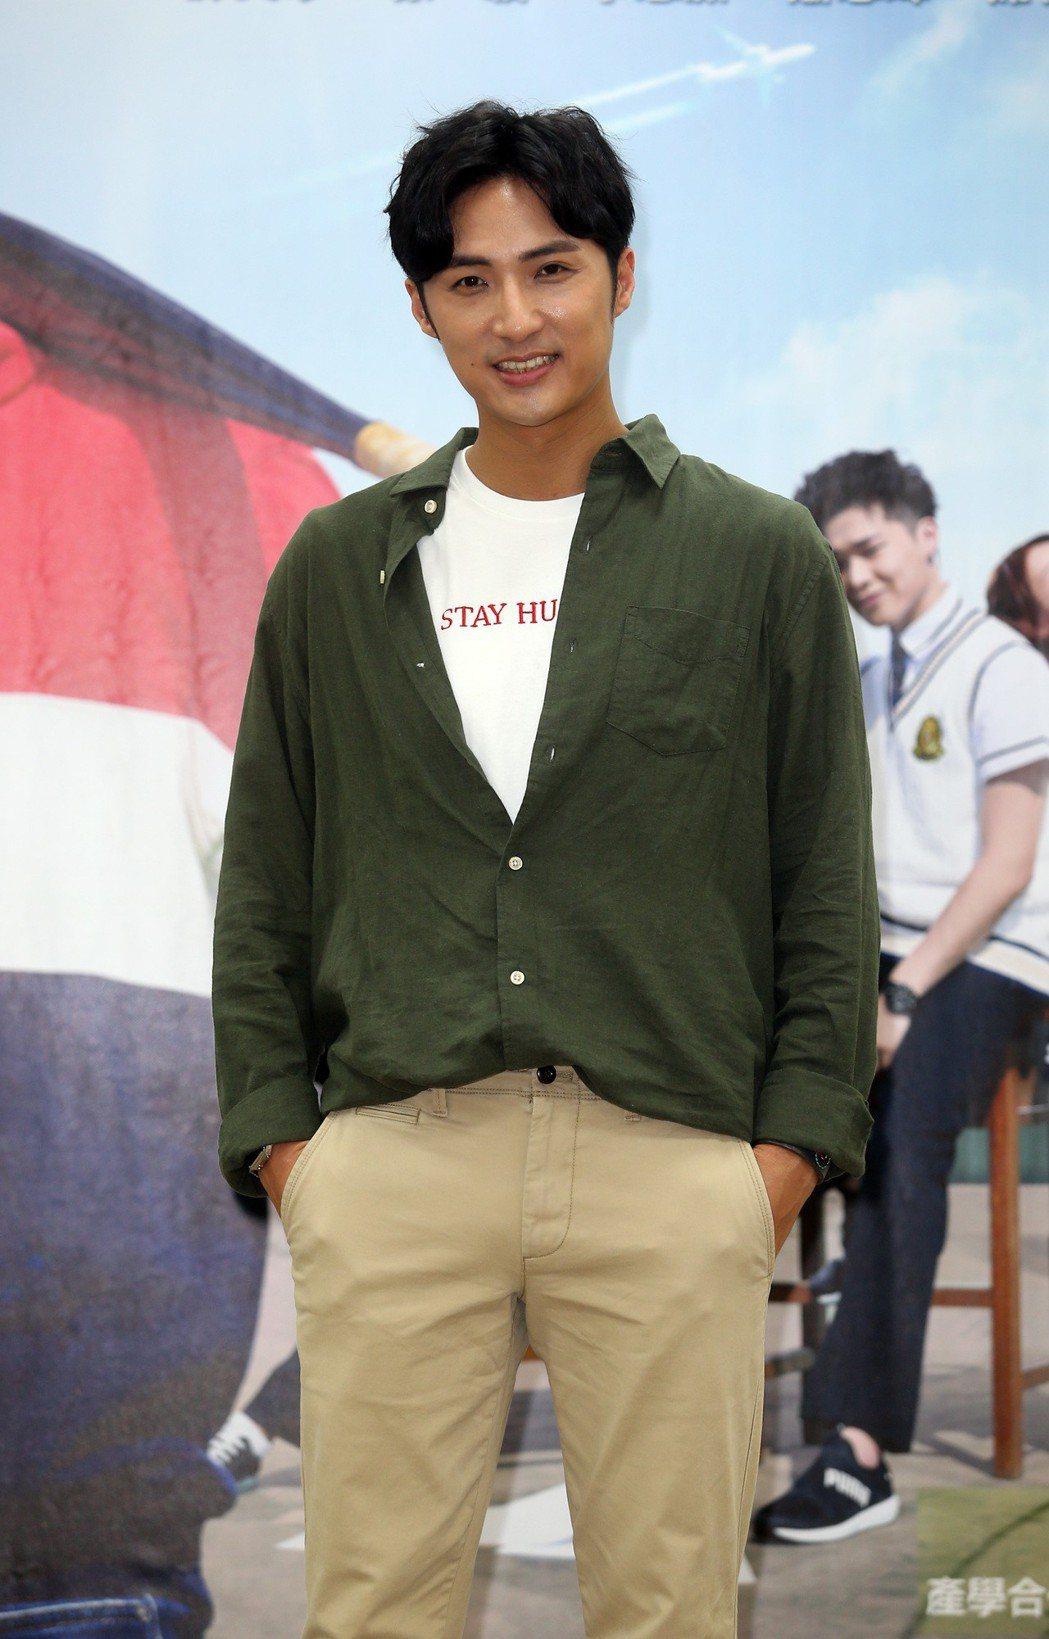 台視週日偶像劇《高校英雄傳》首映會,演員李運慶出席。記者曾吉松/攝影